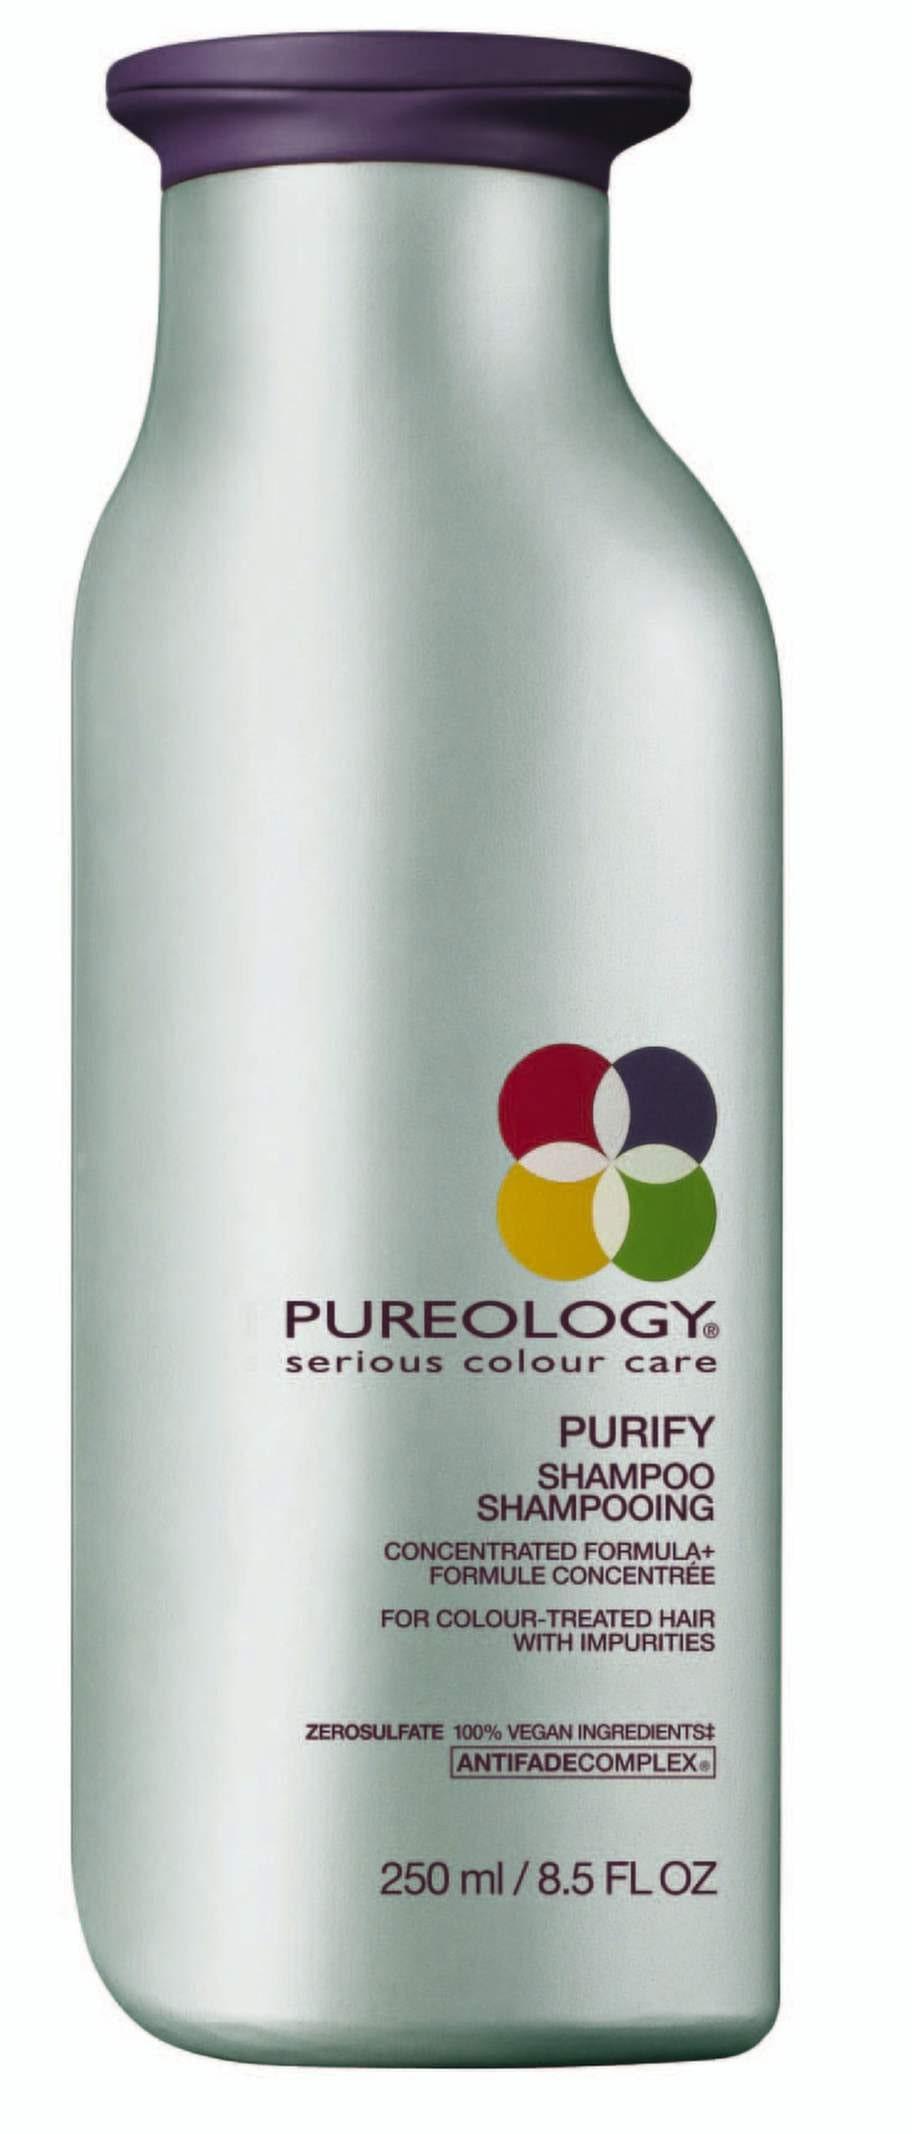 Stärker. Djuprengörande schampo som skonsamt rengör på djupet utan att skada hårfärgens glans och lyster. Innehåller stärkande egenskaper från trollhassel, bikarbonat och tea tree olja.<br>Purify schampo, 280 kronor/250 ml, Pureology. pureology.se